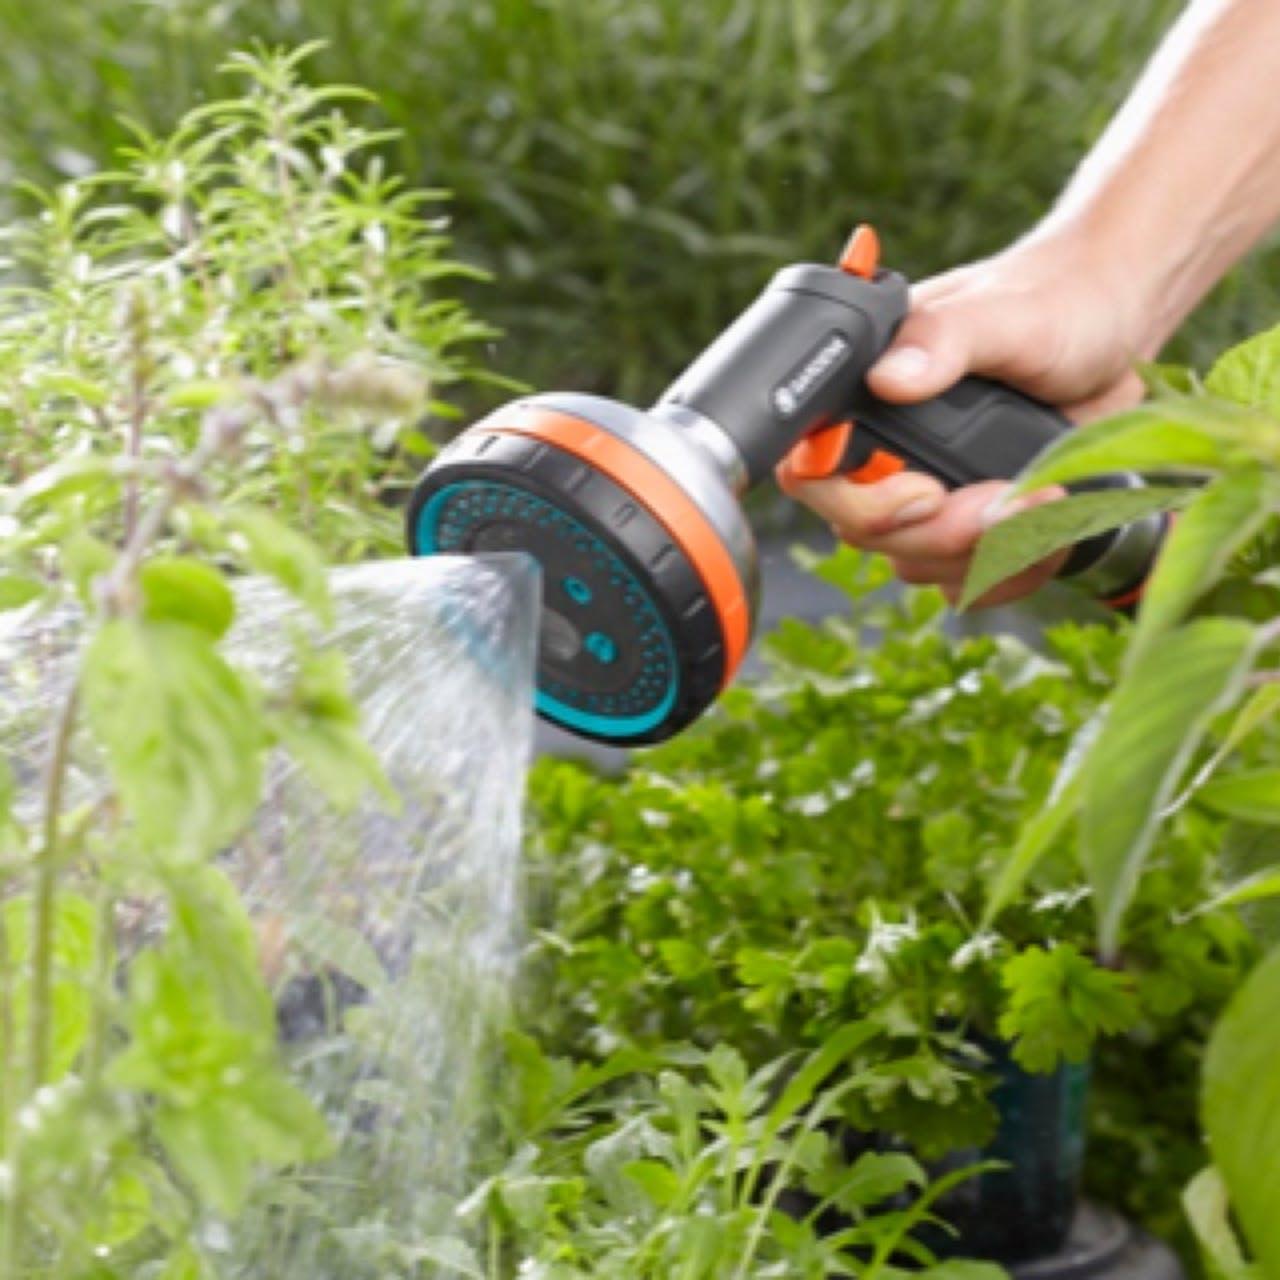 Flymo's watering partner GARDENA